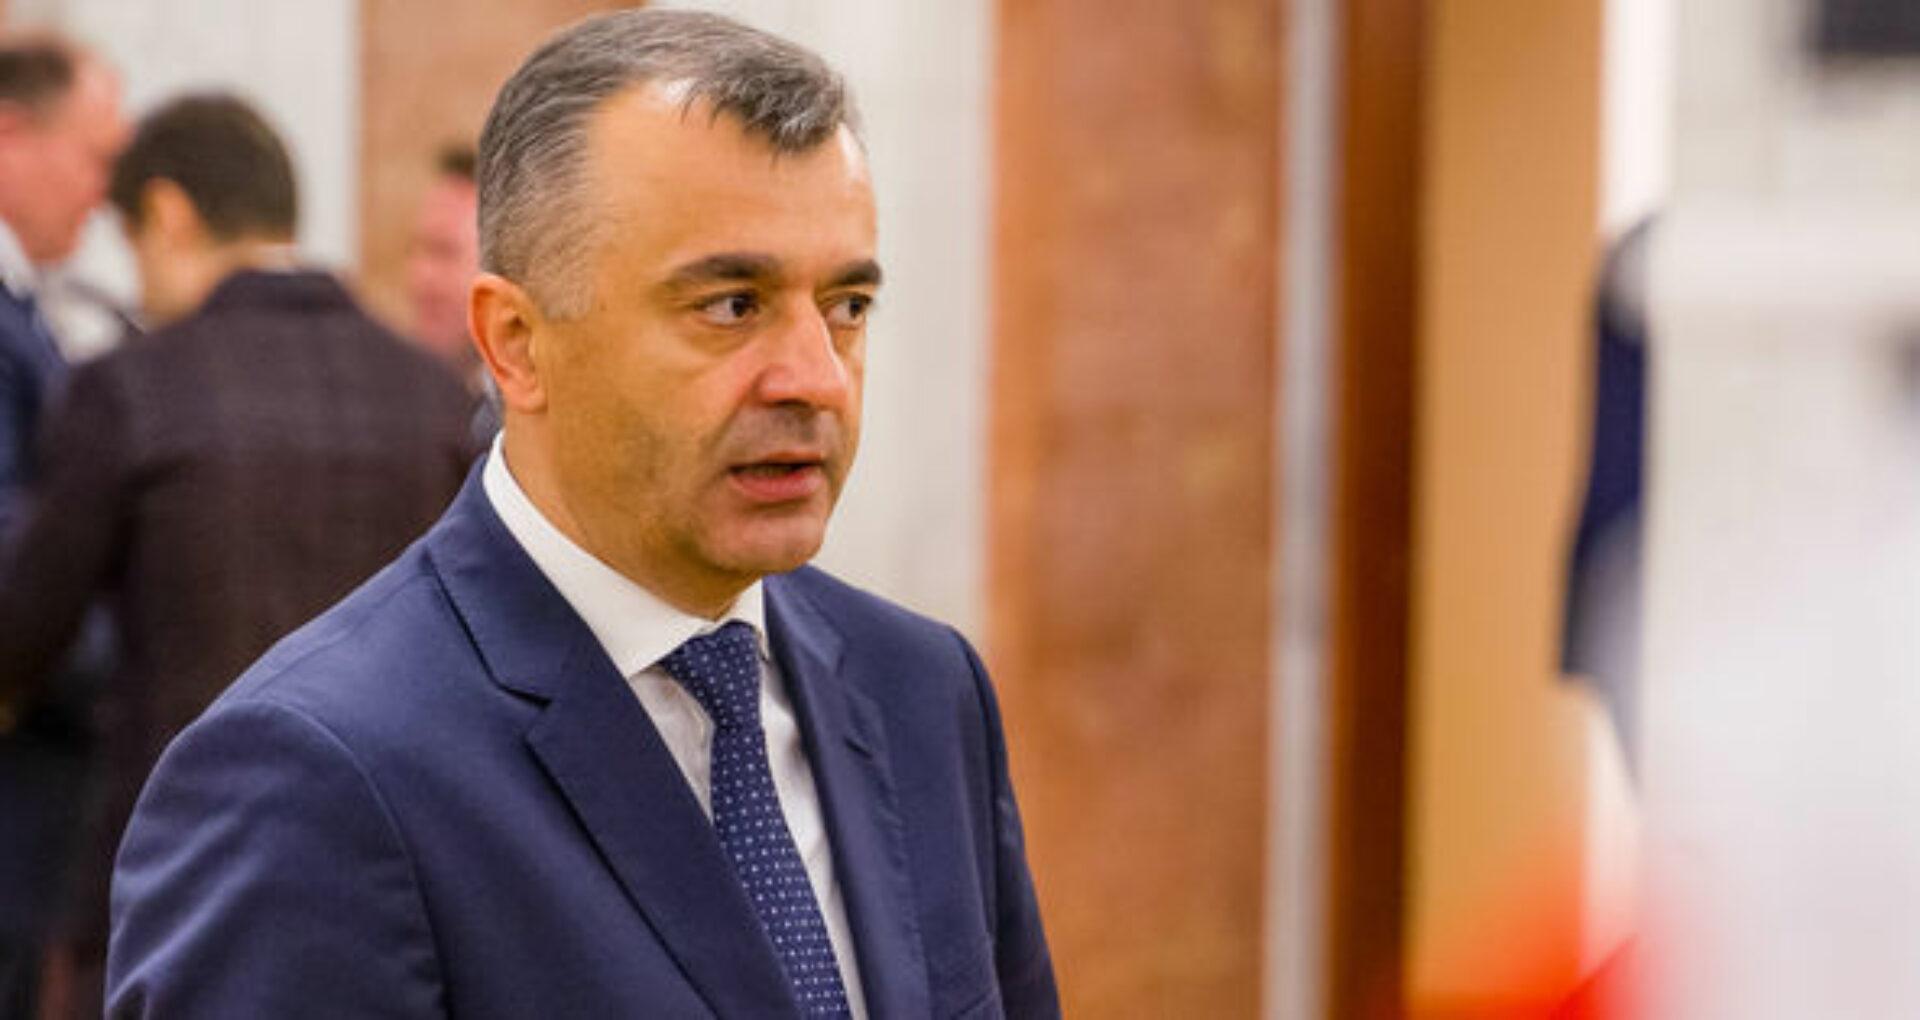 Chicu susține că R. Moldova a îndeplinit toate angajamentele pentru ca UE să ofere cea de-a doua tranșă din asistența macrofinanciară